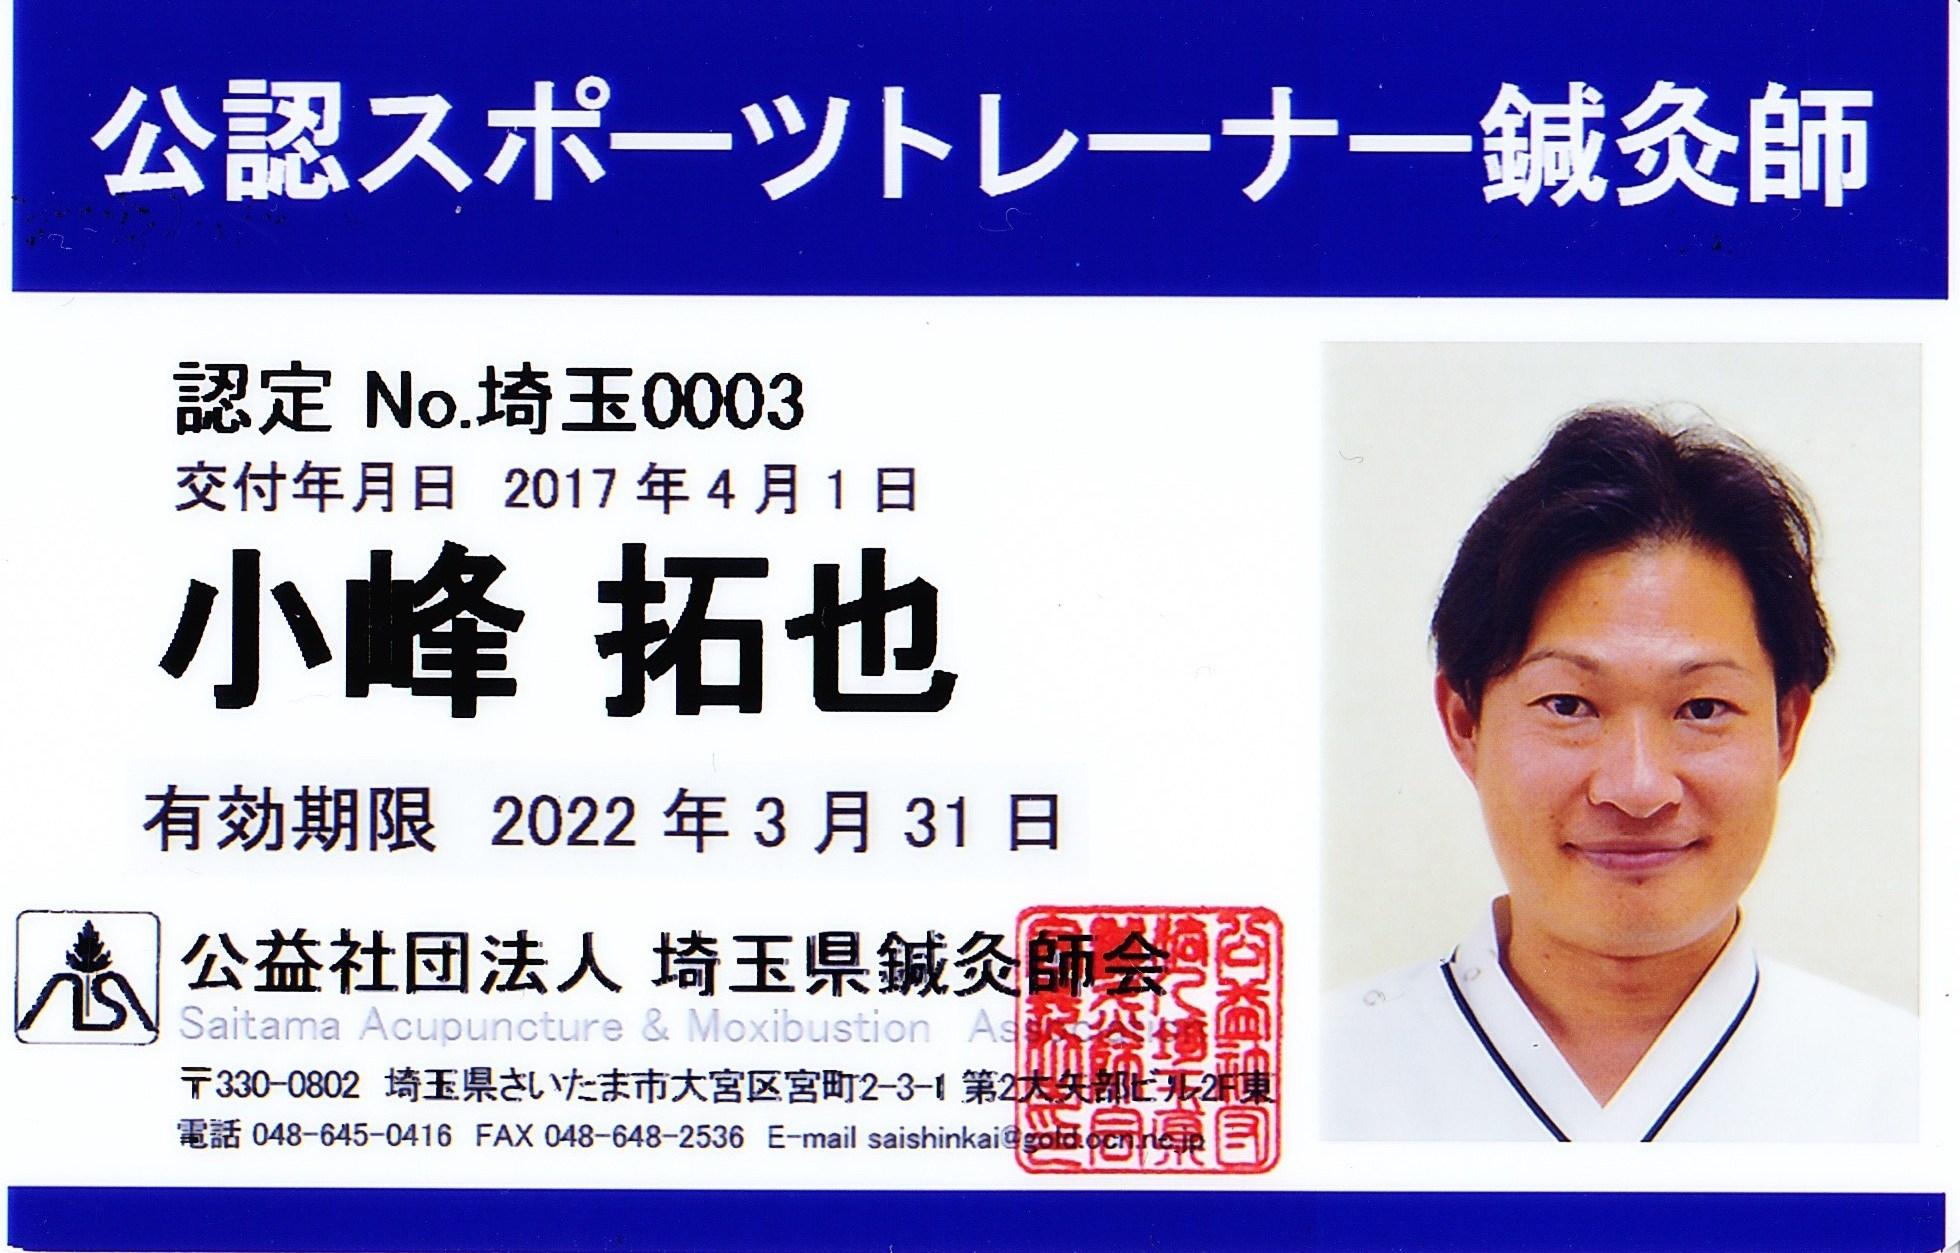 公認スポーツトレーナー鍼灸師、埼玉、関東、東京、千葉、神奈川、アスリート、コンディショニング、ケア